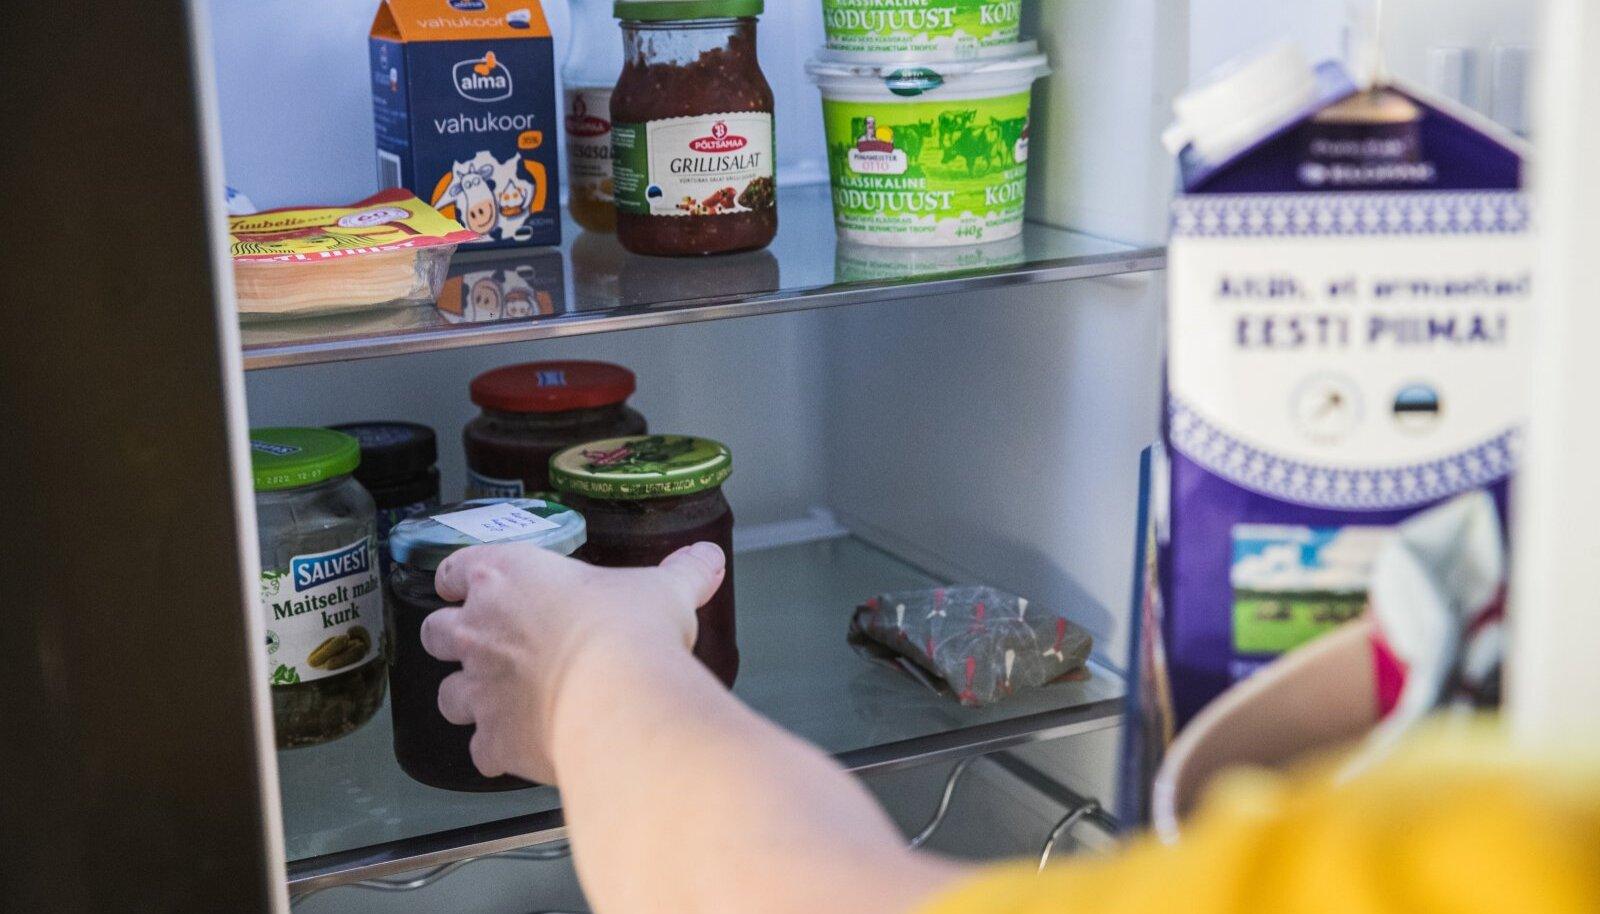 Toidujagamiskapis saab olema ka külmik, kus hoida madalamat temperatuuri nõudvat kraami.